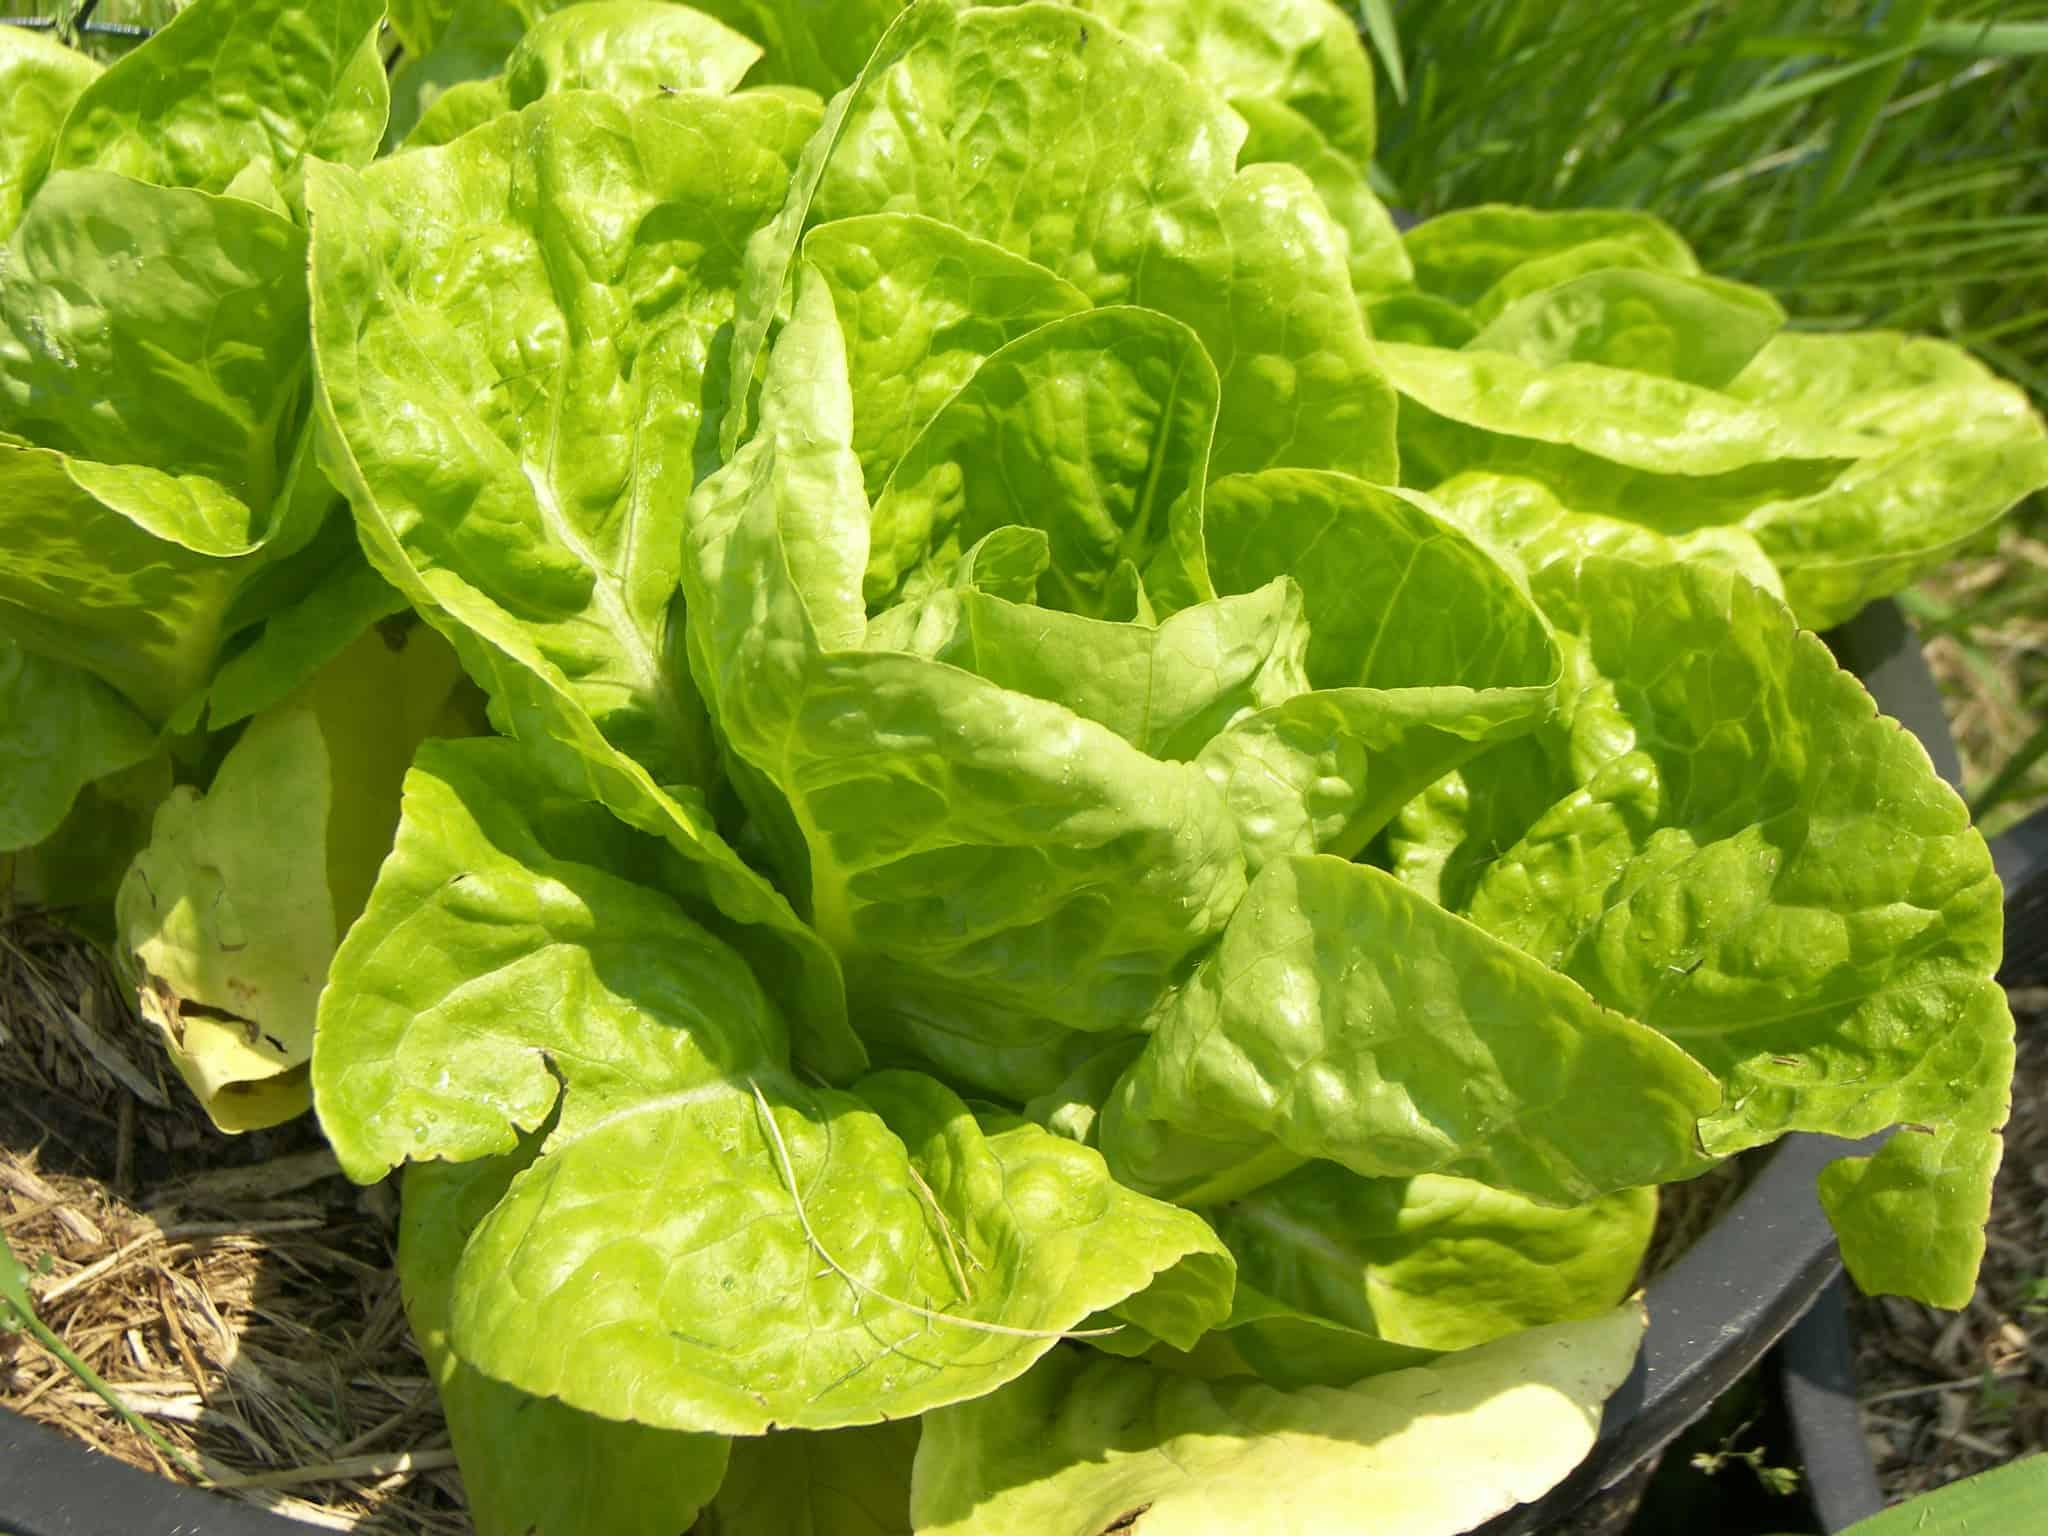 Garden lettuce bitter garden ftempo for How to pick lettuce from garden